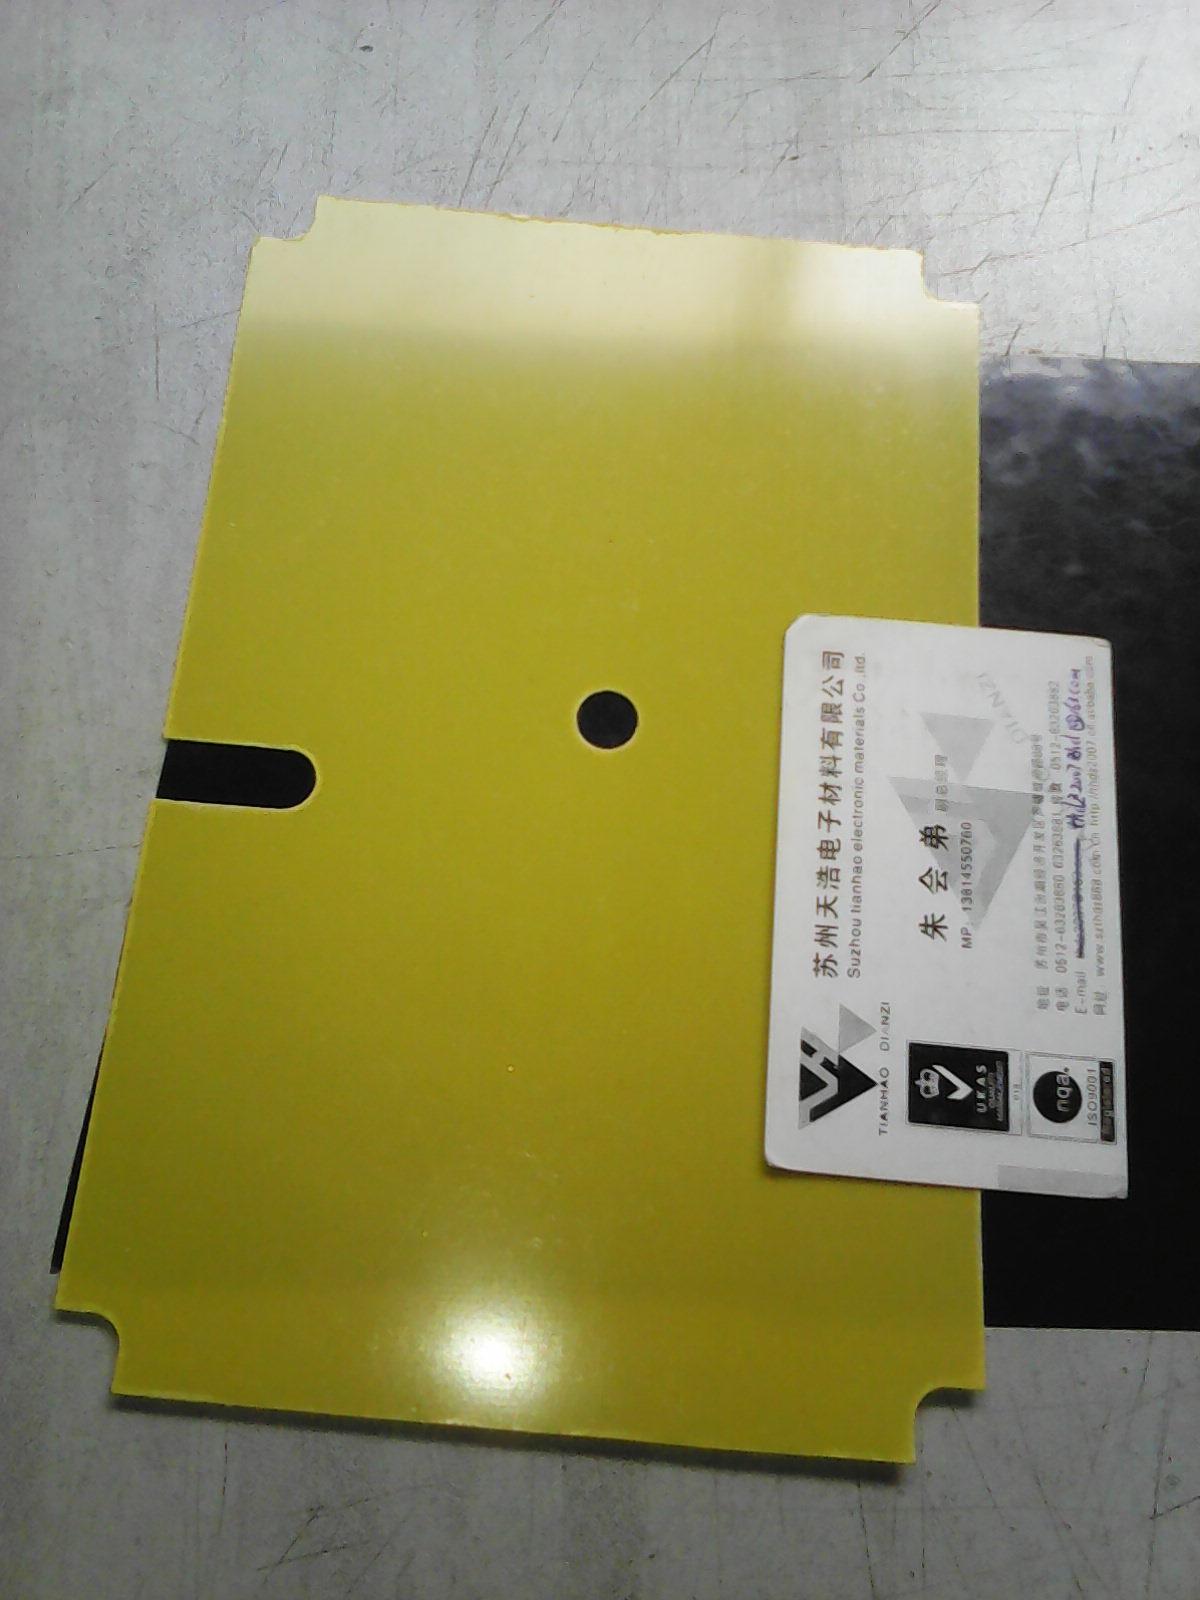 环氧树脂垫片 环氧垫 电机马达专用绝缘片 苏州吴雁电子绝缘材料 垫片 绝缘片